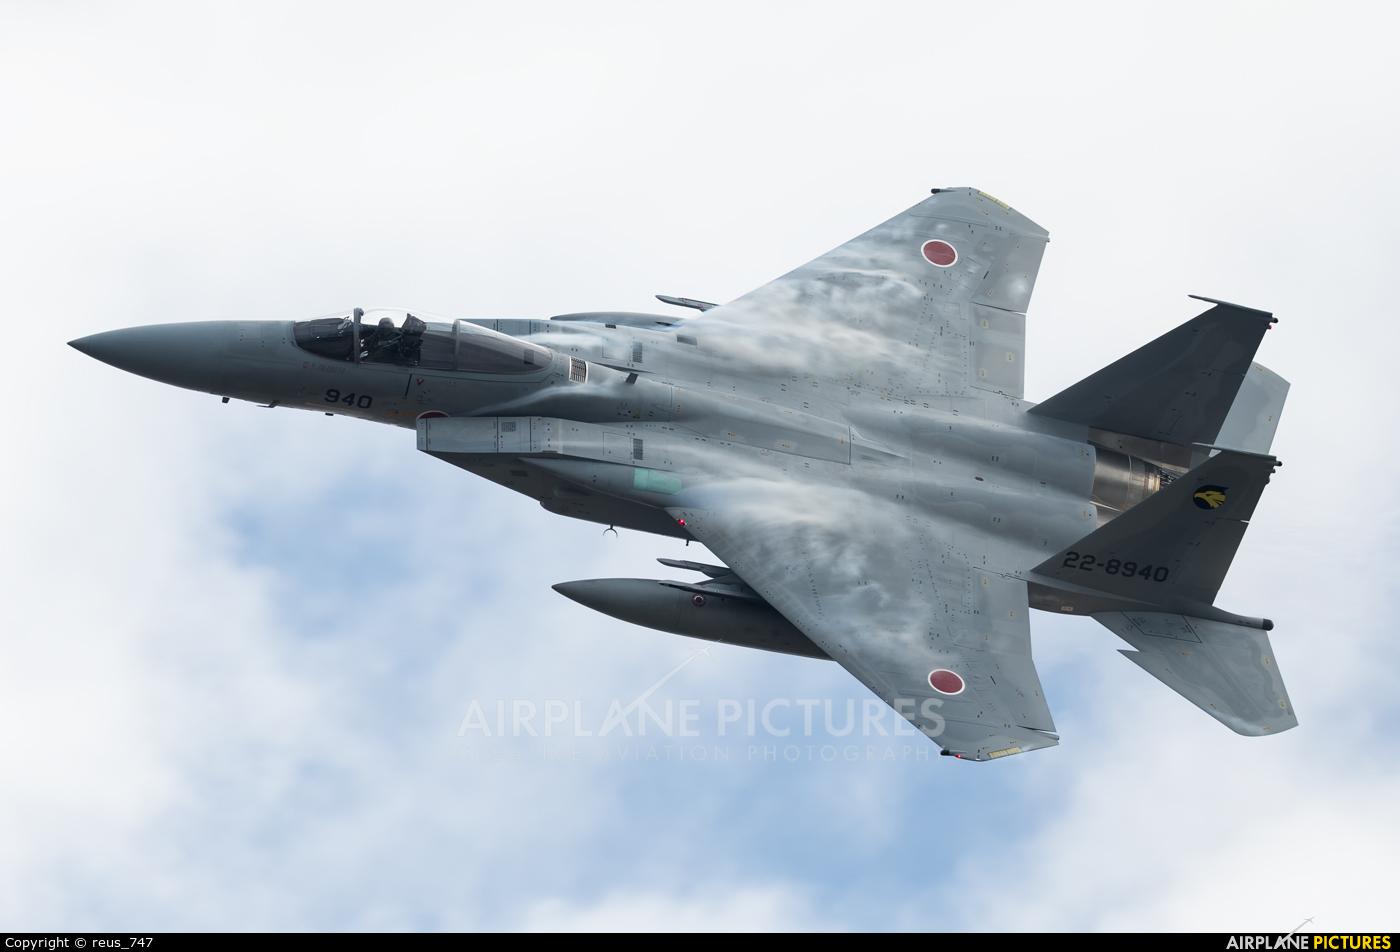 Japan - Air Self Defence Force 22-8940 aircraft at Komatsu